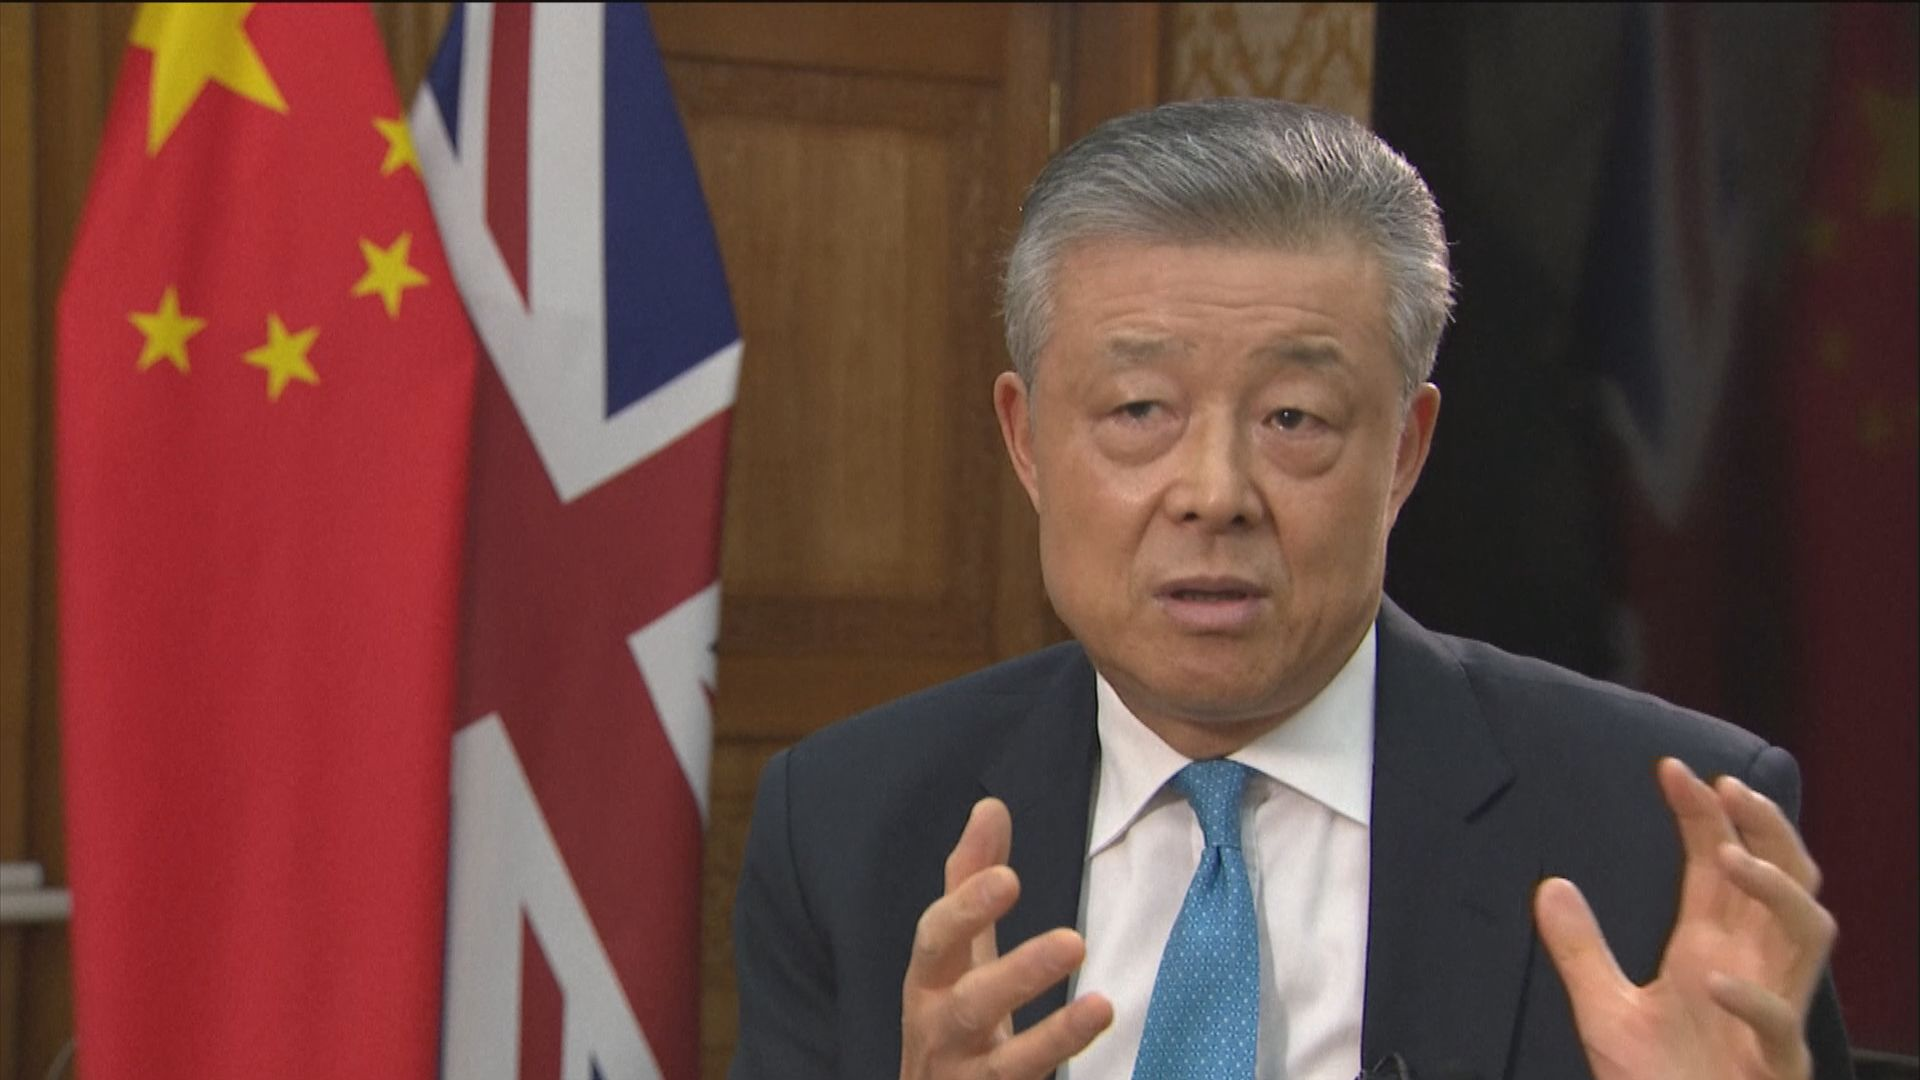 劉曉明指如英國就國安法制裁中國官員 中方會堅決回應